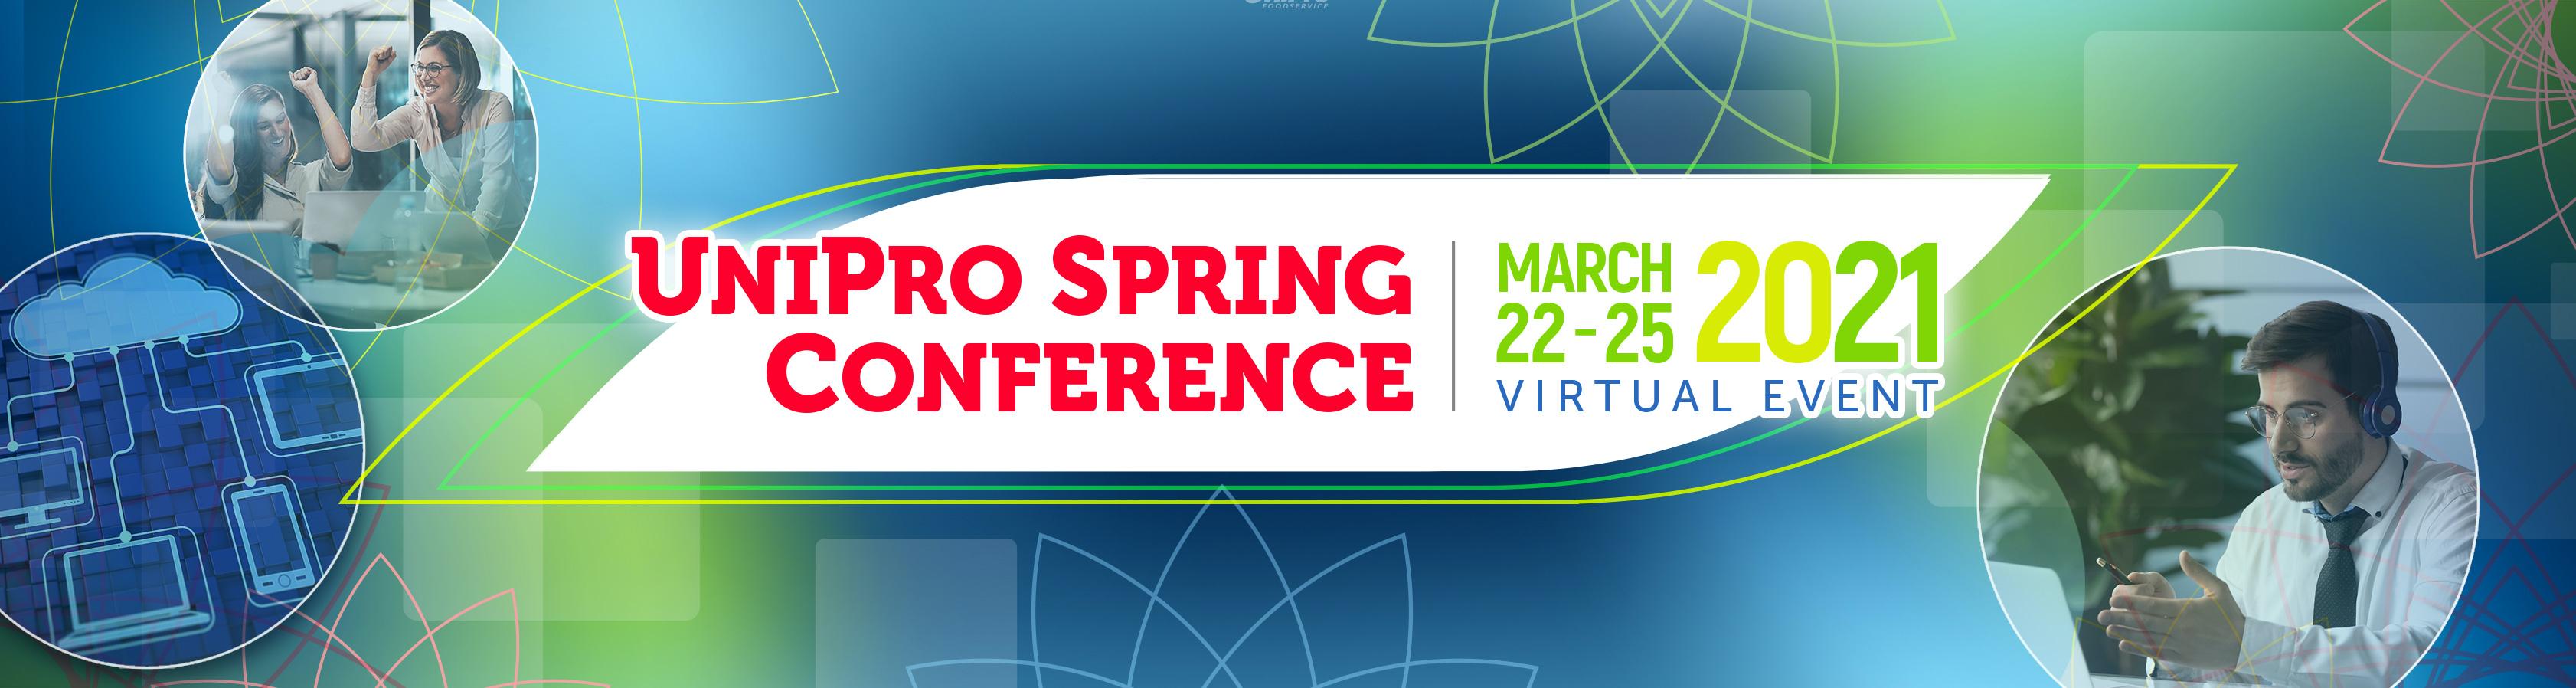 2021 Spring Conference Slider Background